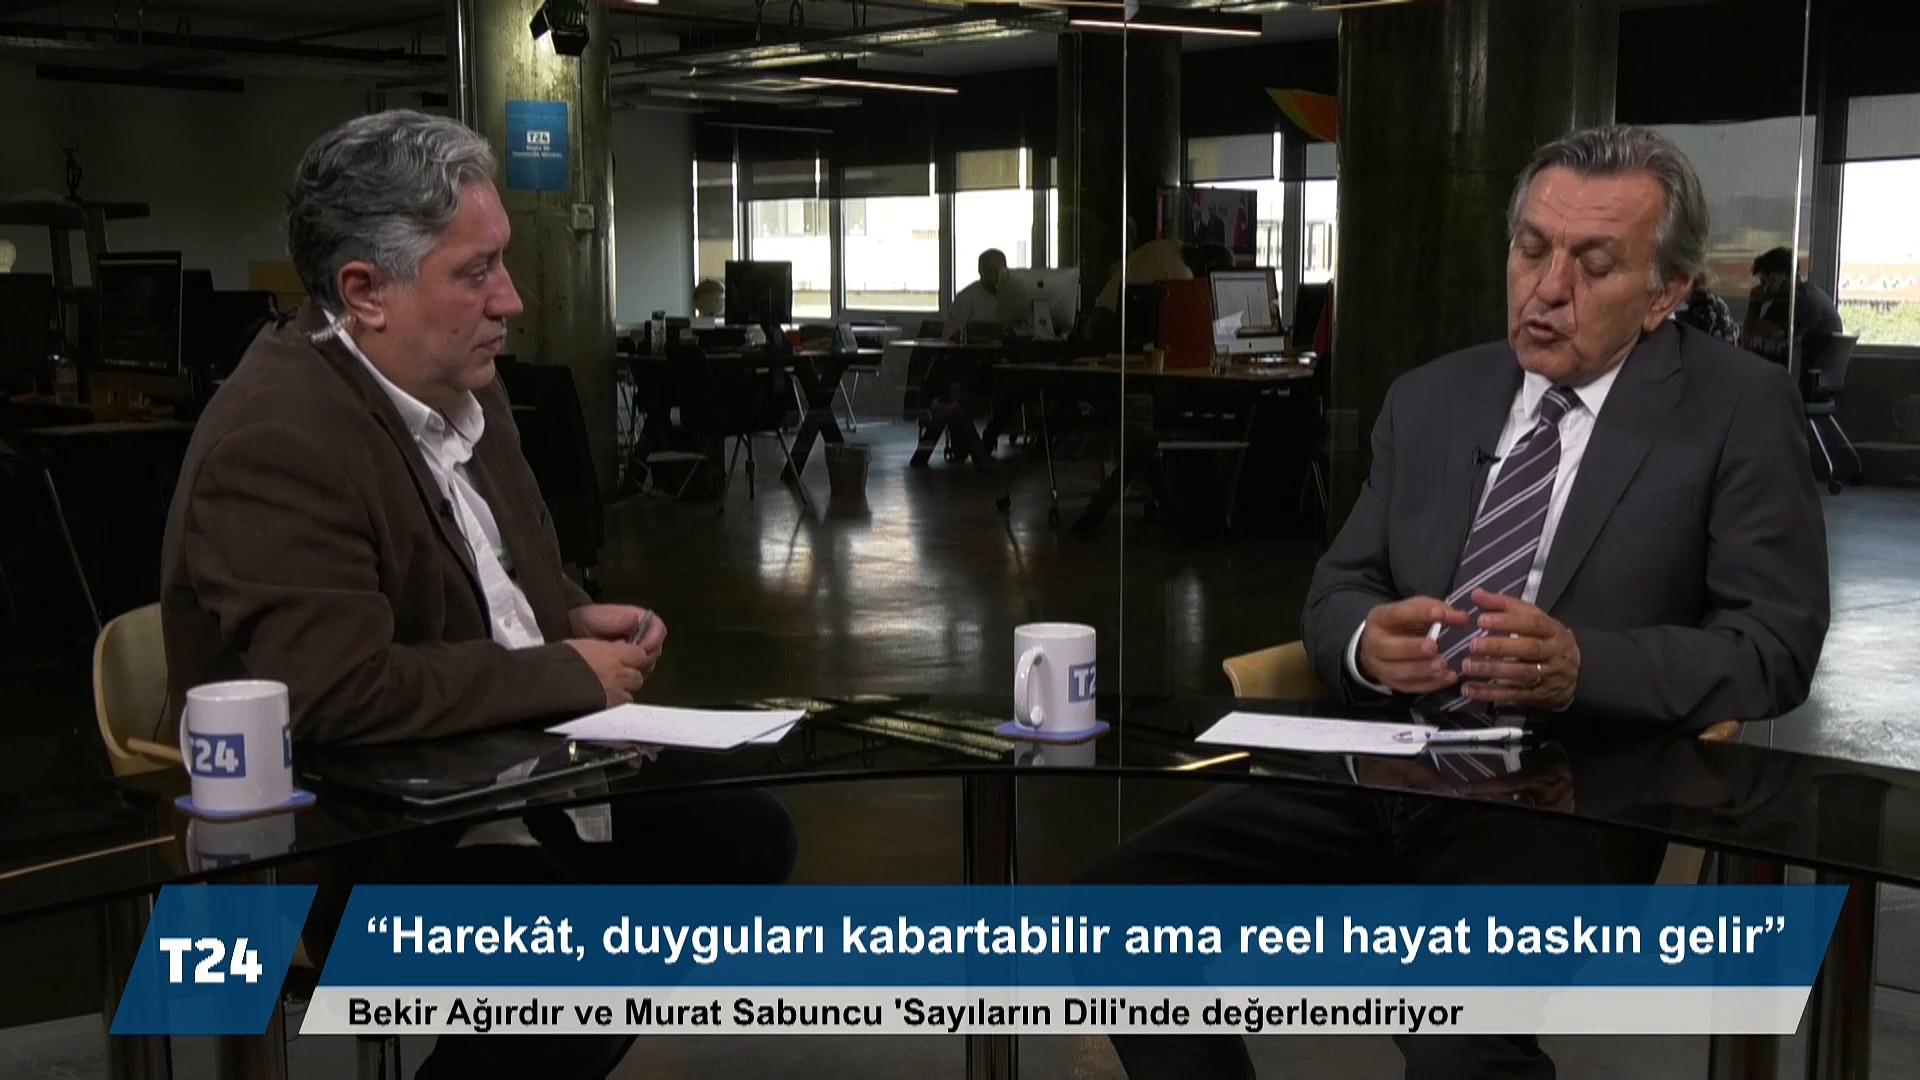 Bekir Ağırdır: CHP, 23 Haziran'da Kürtlerden aldığı desteği bir daha zor alır